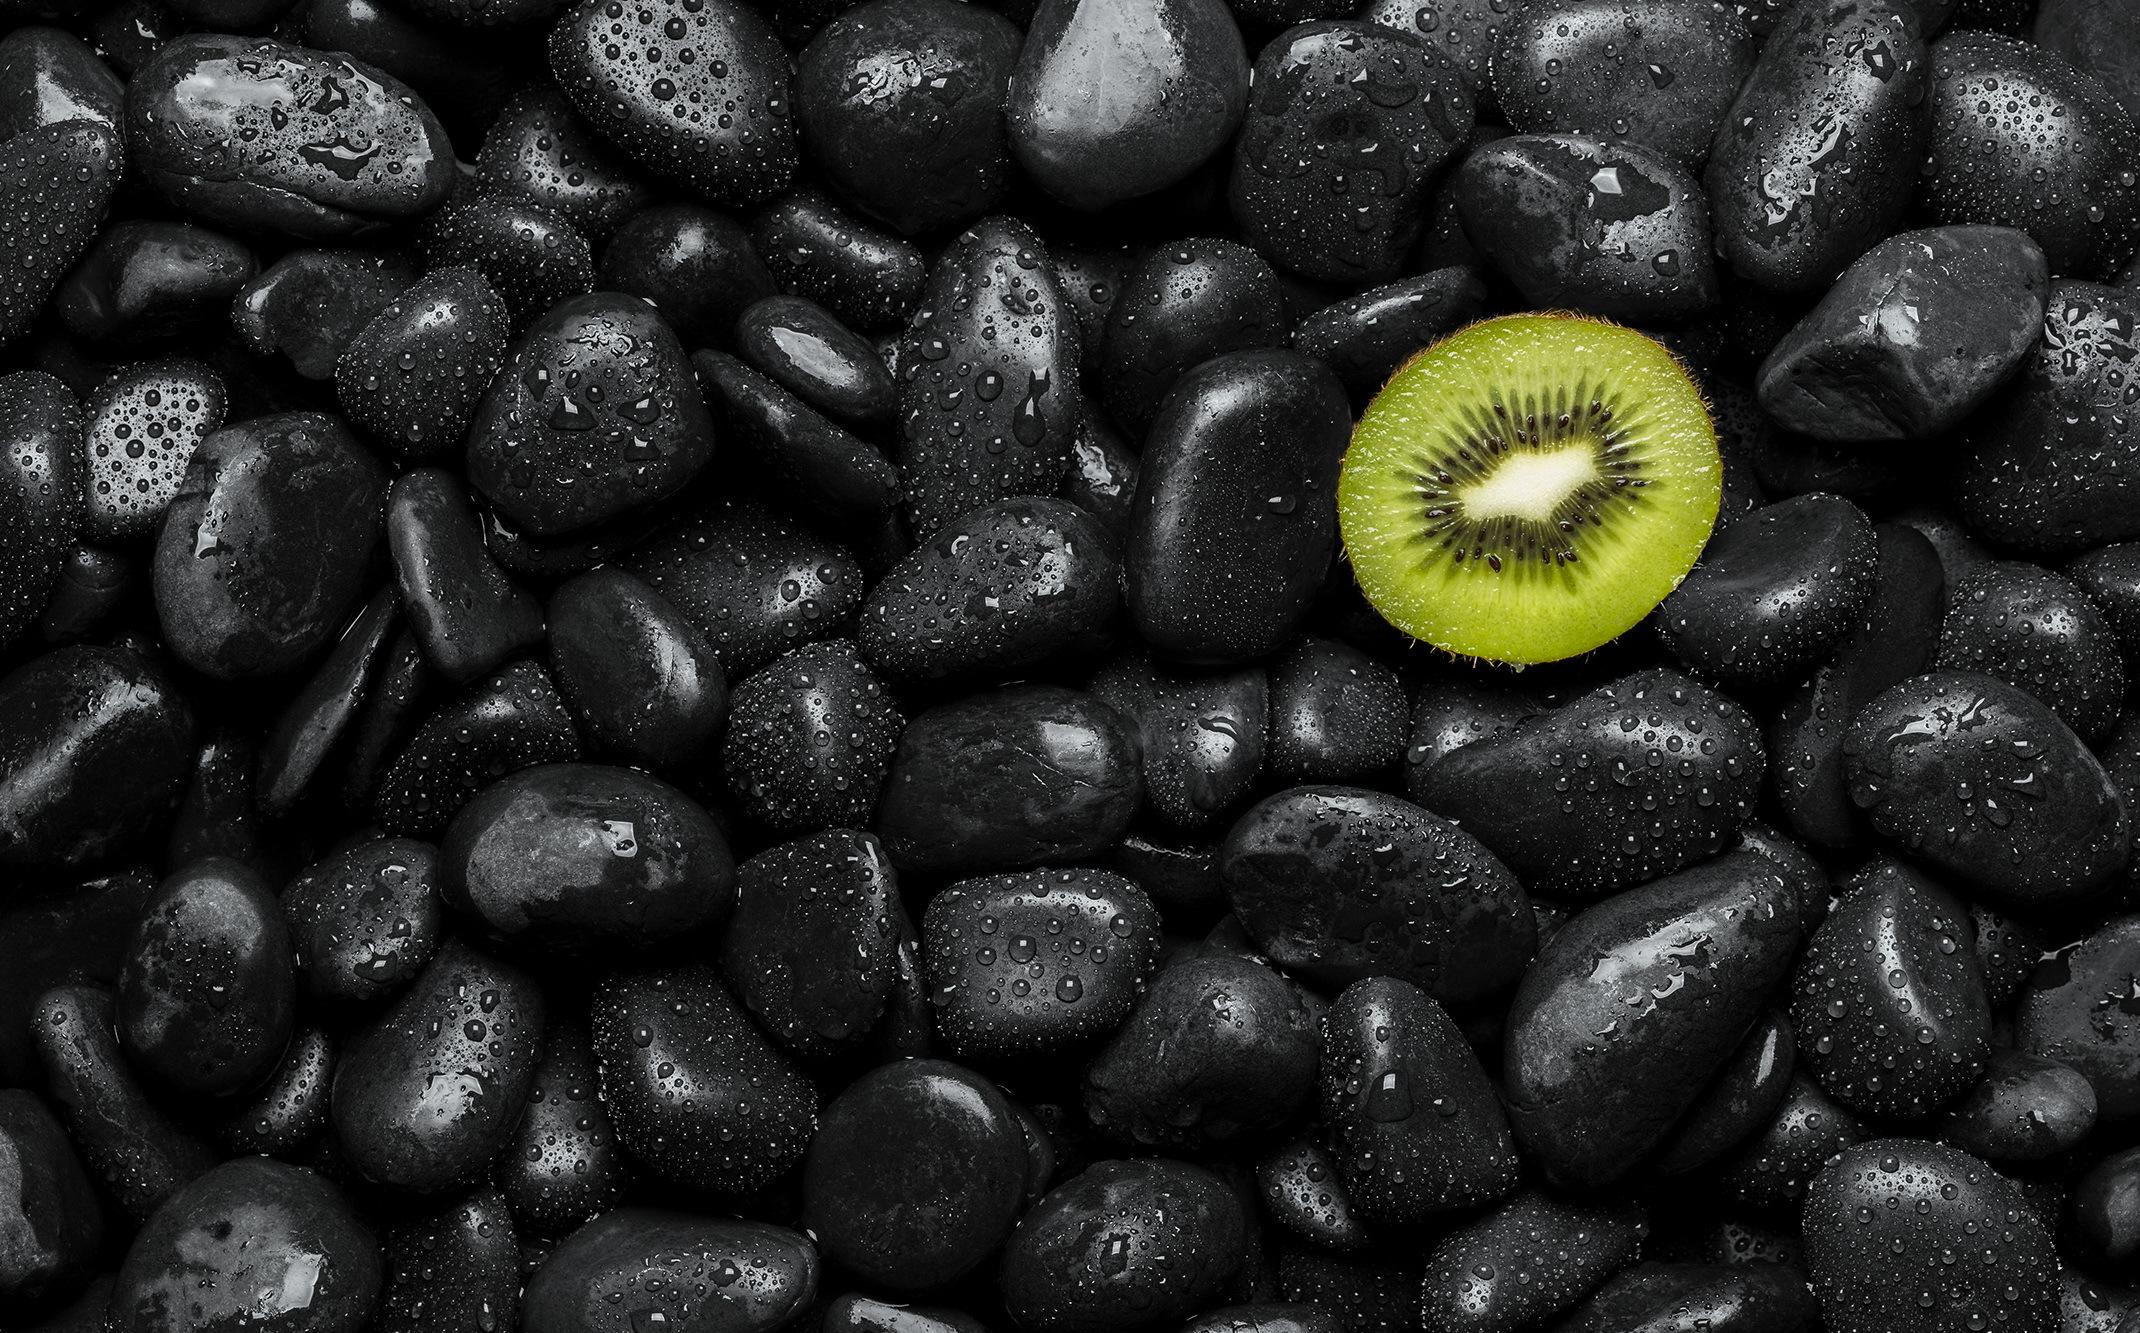 Черные камни картинки для рабочего стола